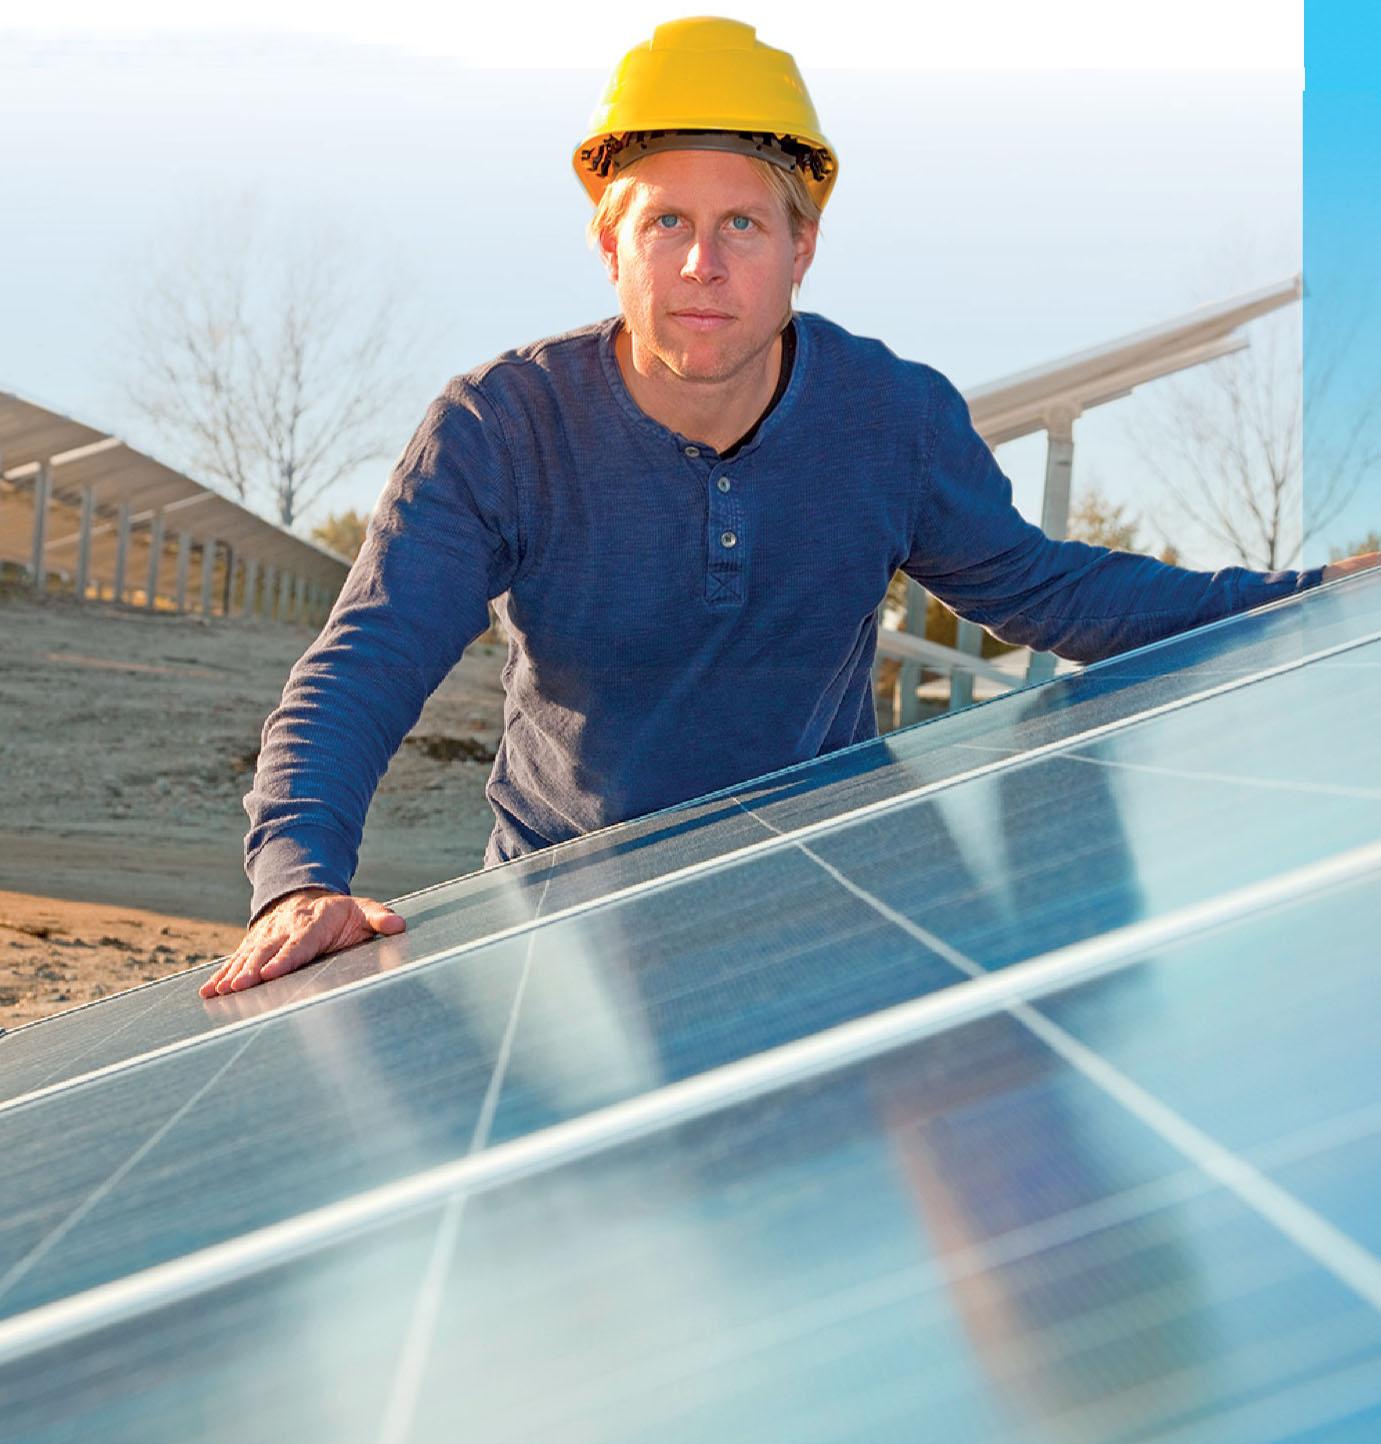 Weiter sonnige Aussichten für bayerische Arbeitnehmer. Trotz schwierigem Umfeld zeigt sich die Wirtschaft im Freistaat robust